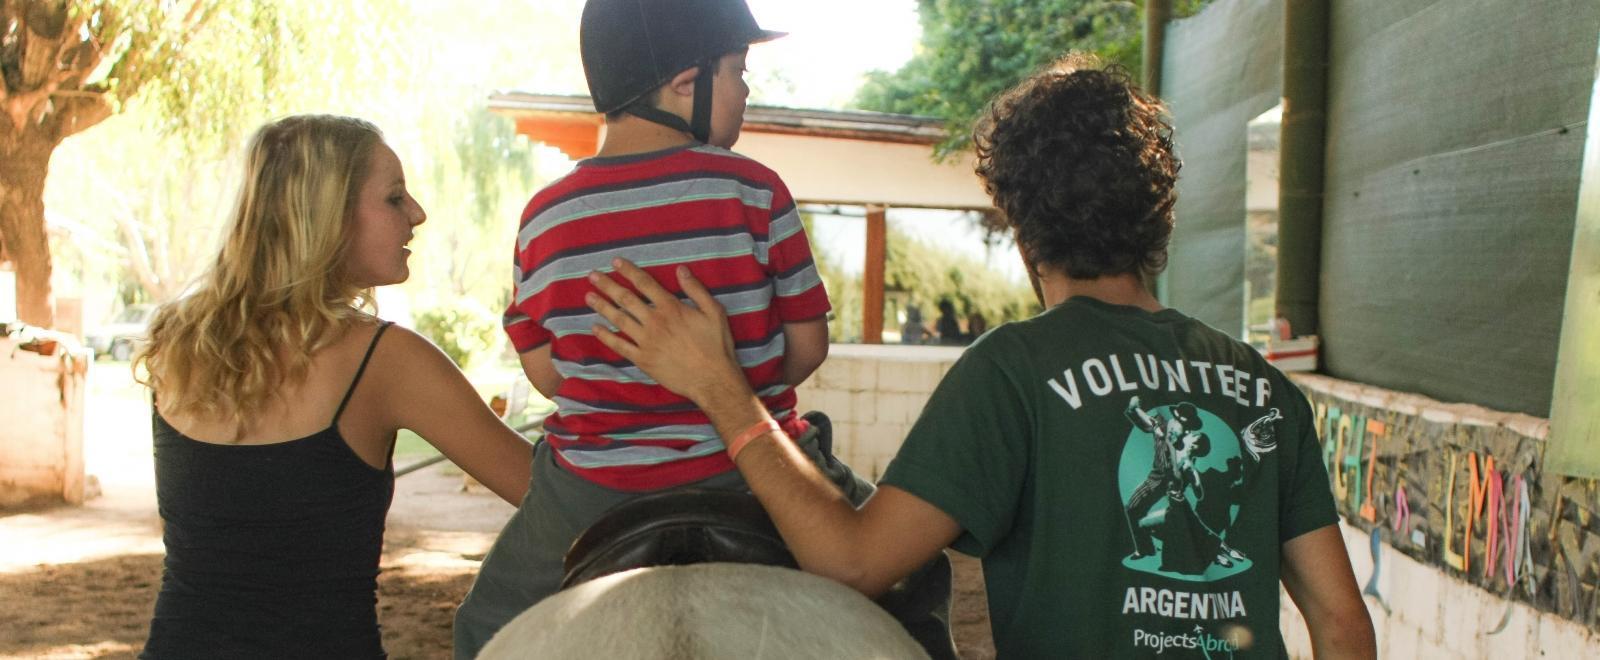 Voluntarios de Equinoterapia ayudando a un niño con síndrome de Down a montar un caballo.